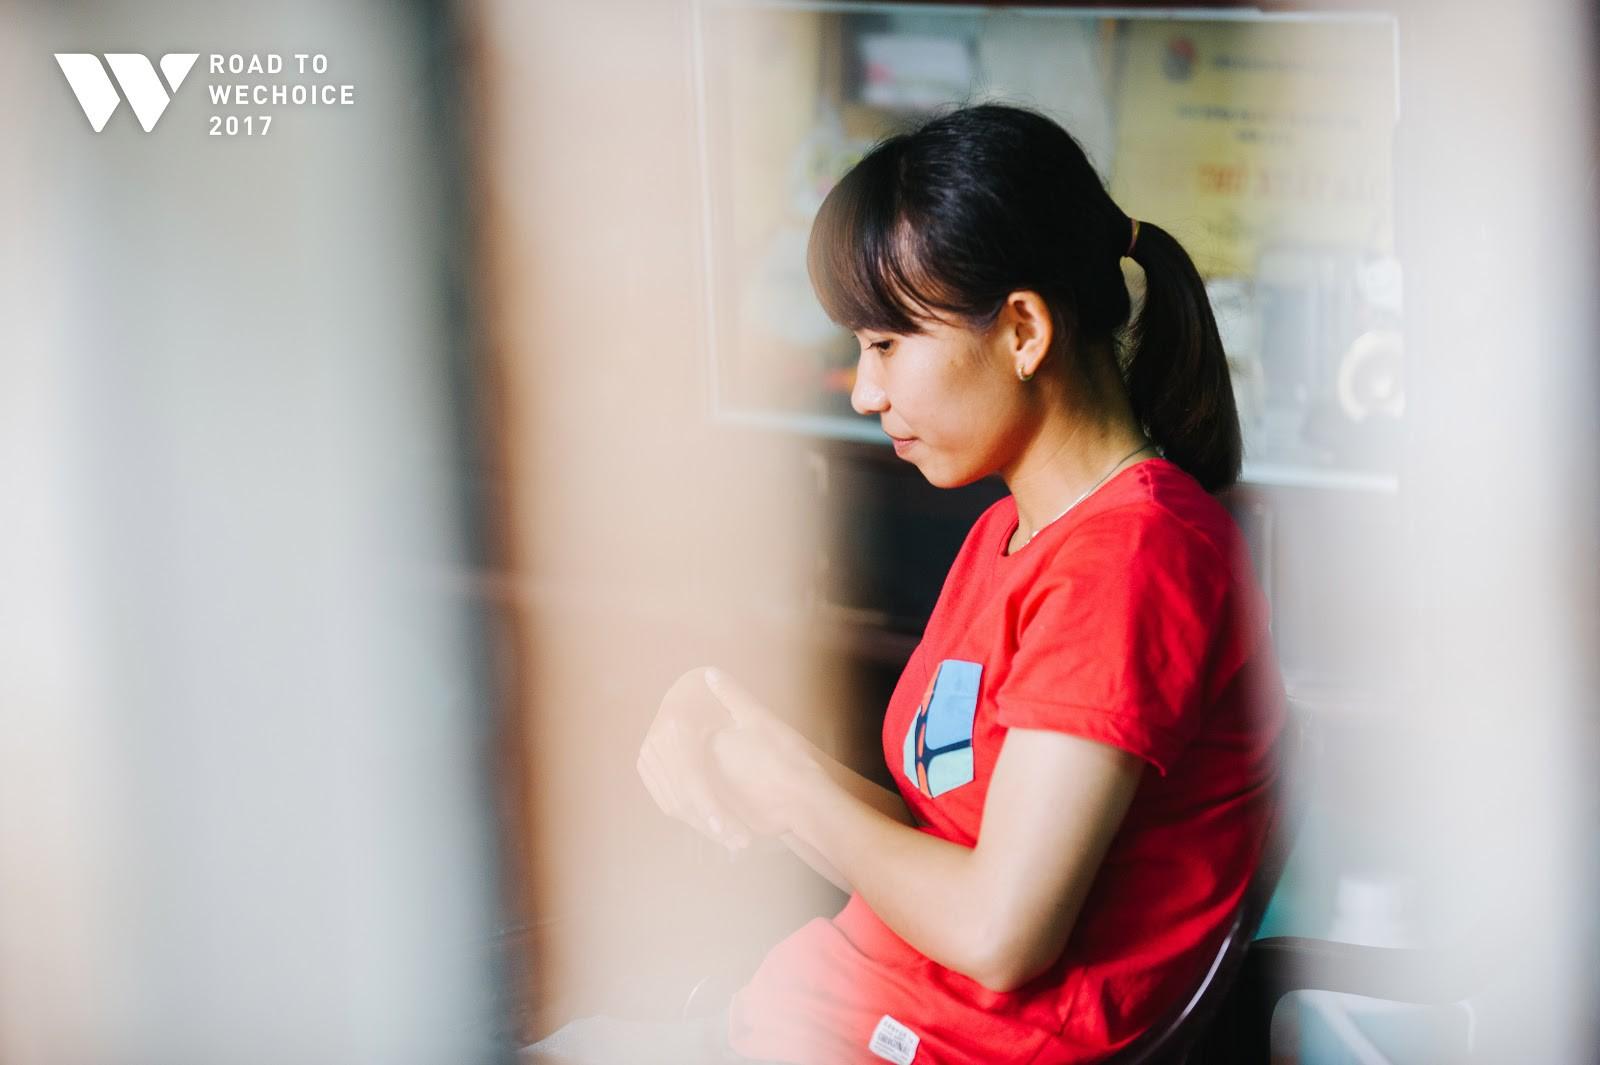 Nguyễn Thị Liễu: Hành trình vượt biến cố, trở thành người hùng cho bóng đá nữ - Ảnh 3.